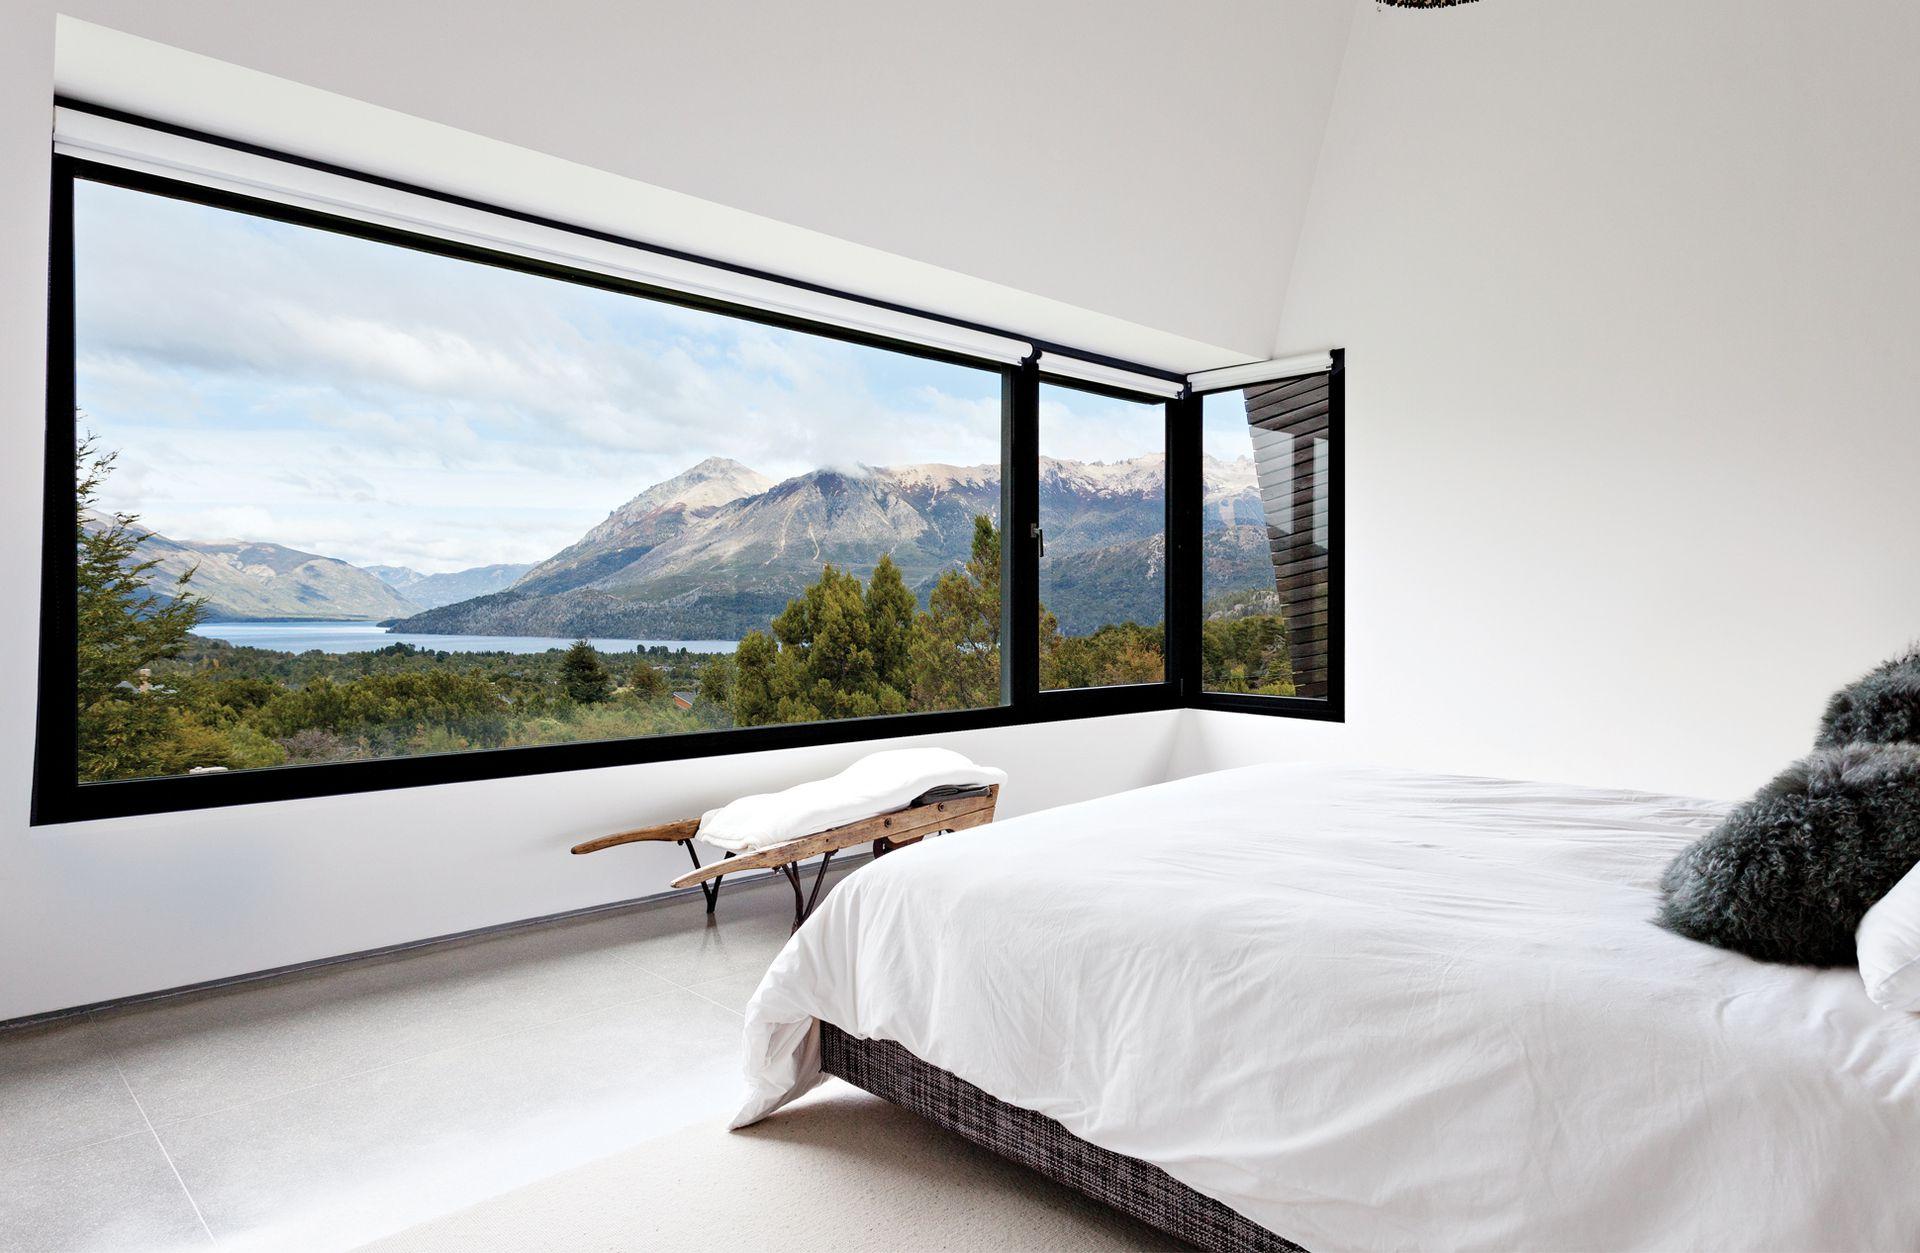 El dormitorio principal cuenta con vistas únicas al Lago Gutiérrez. Toda la ropa de cama fue traída de Estados Unidos.